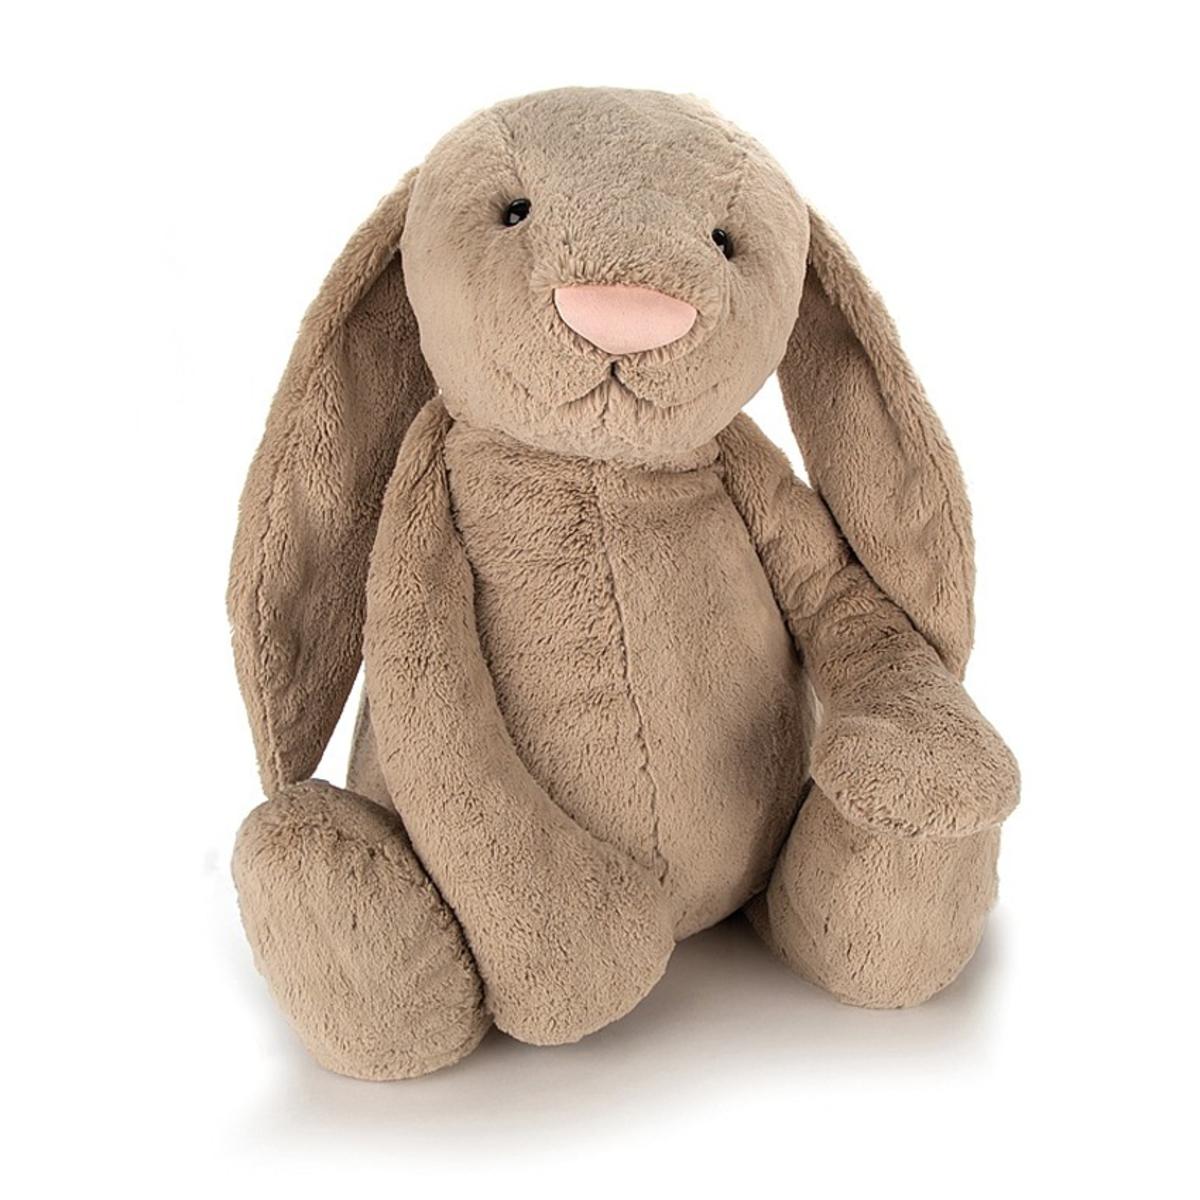 Peluche Bashful Beige Bunny - Really Big Bashful Beige Bunny - Really Big